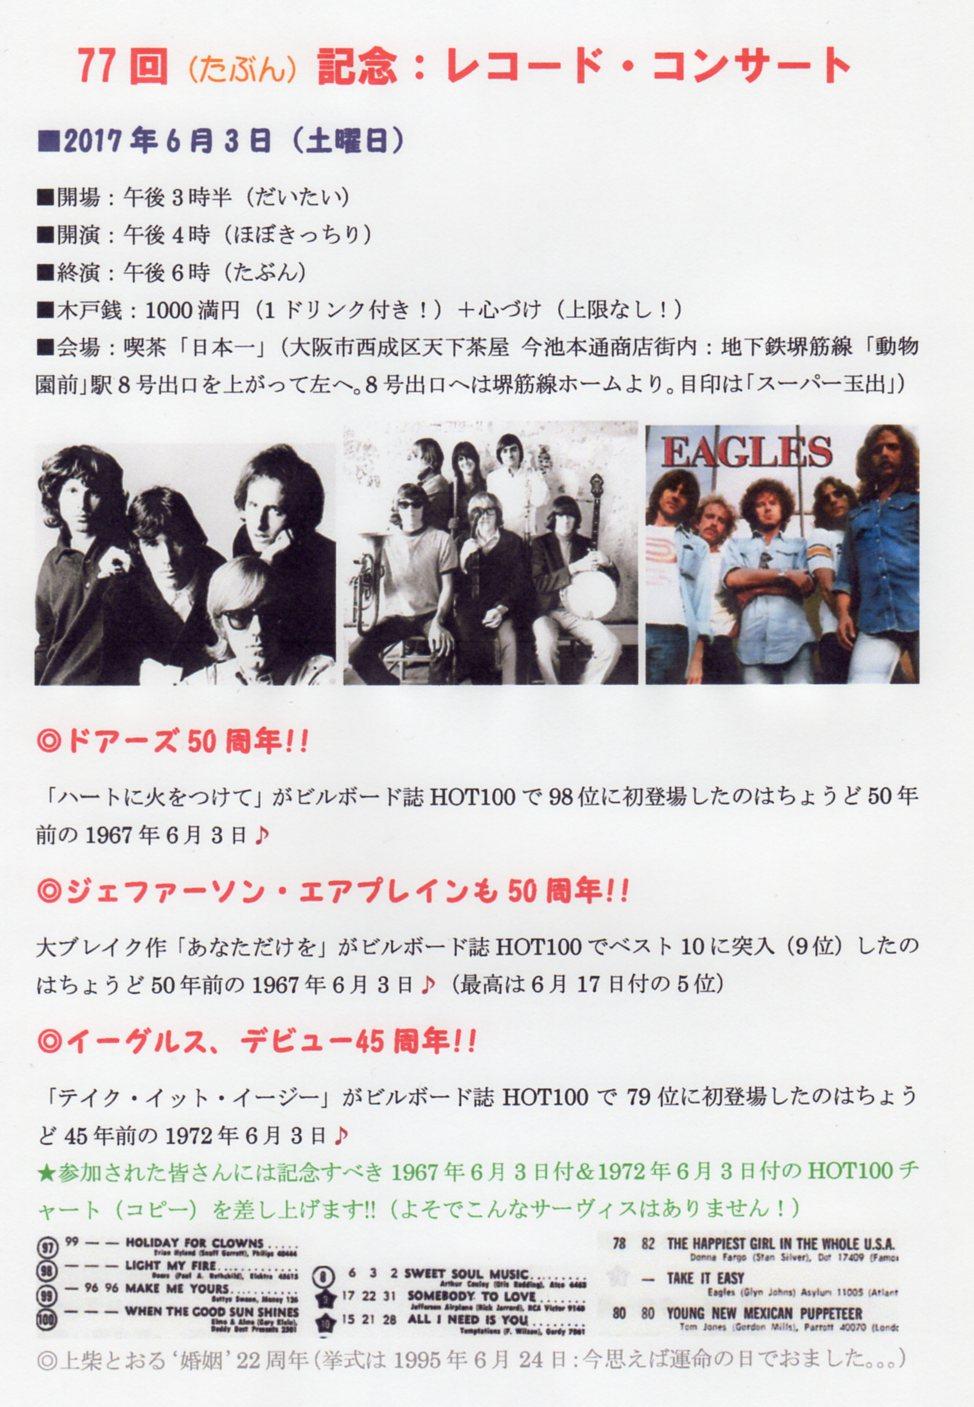 レコード・コンサート(第77回)